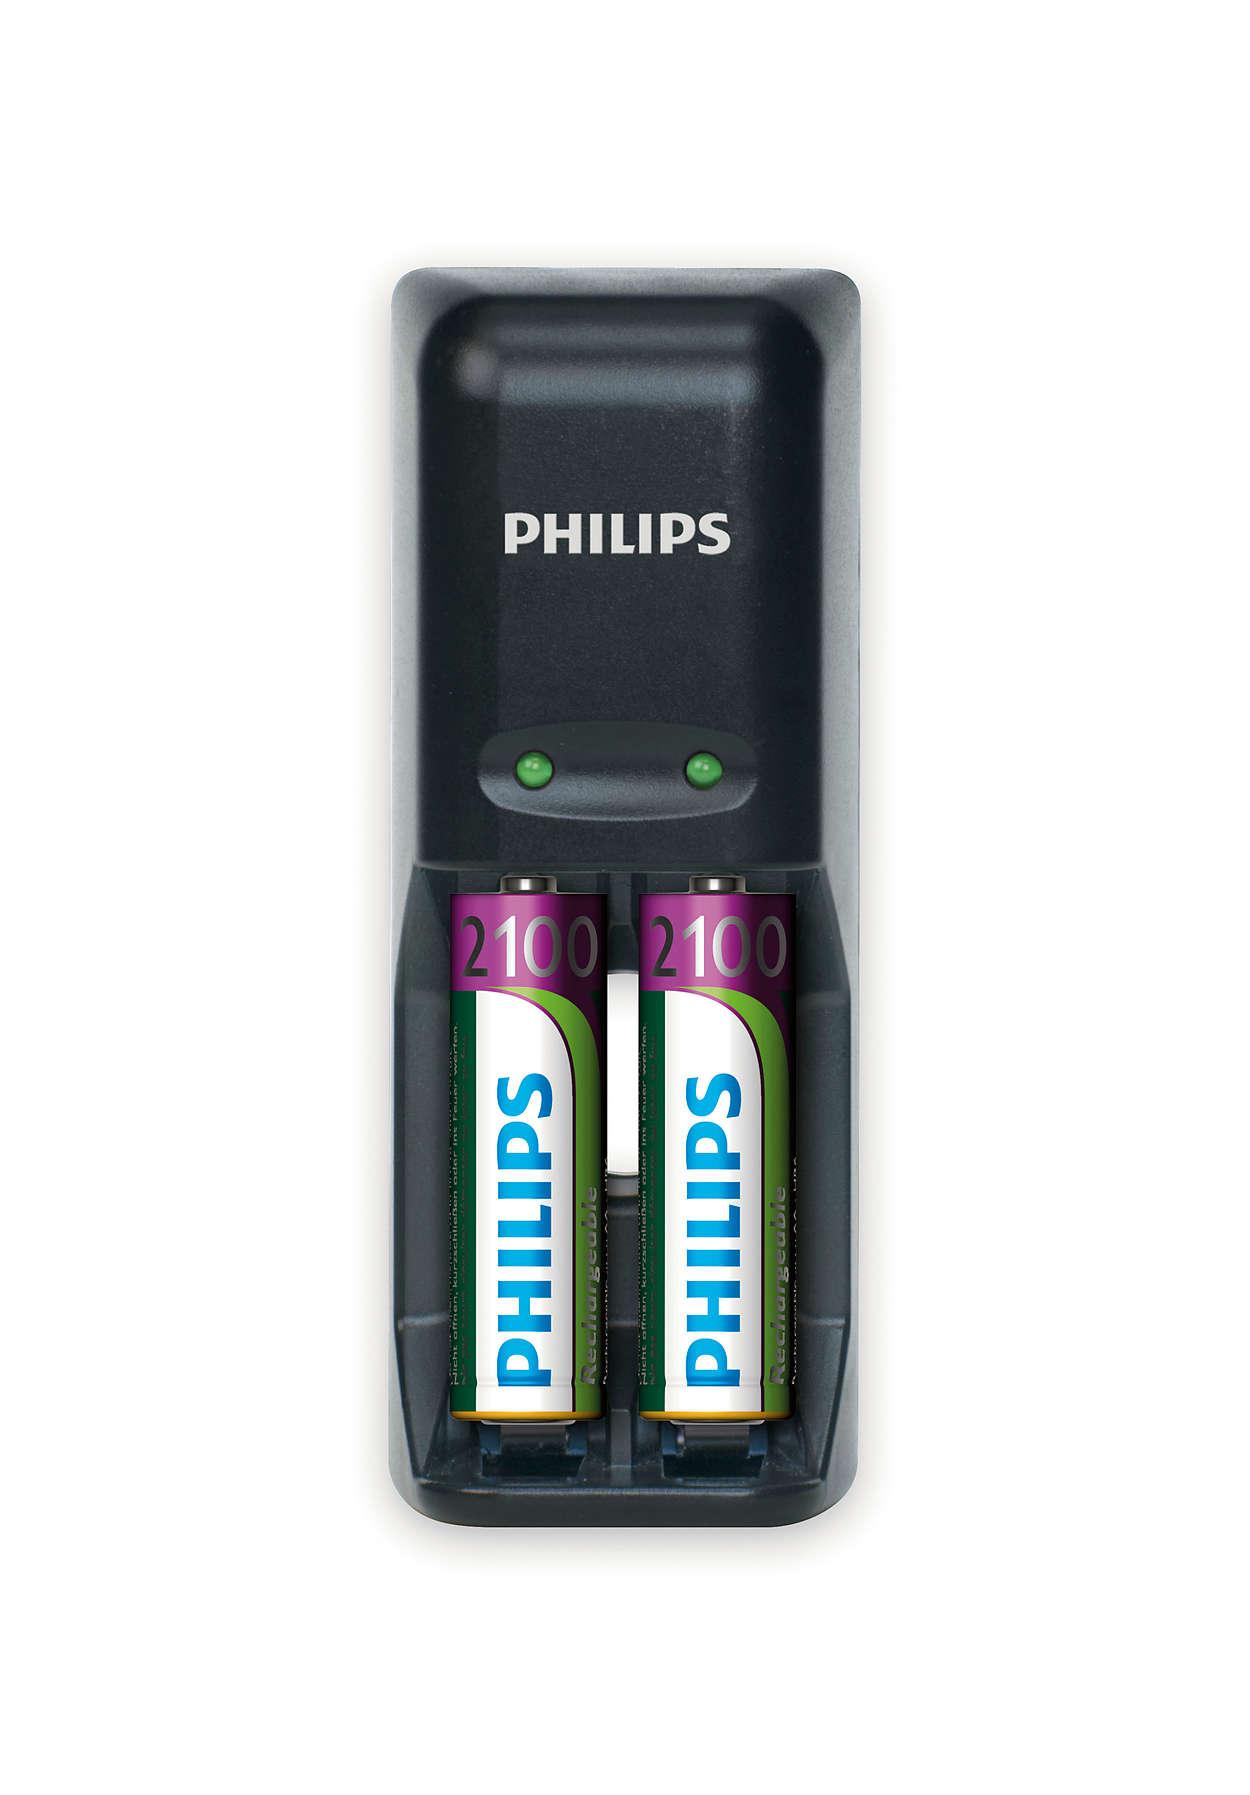 Visiškai įkrausite baterijas per naktį